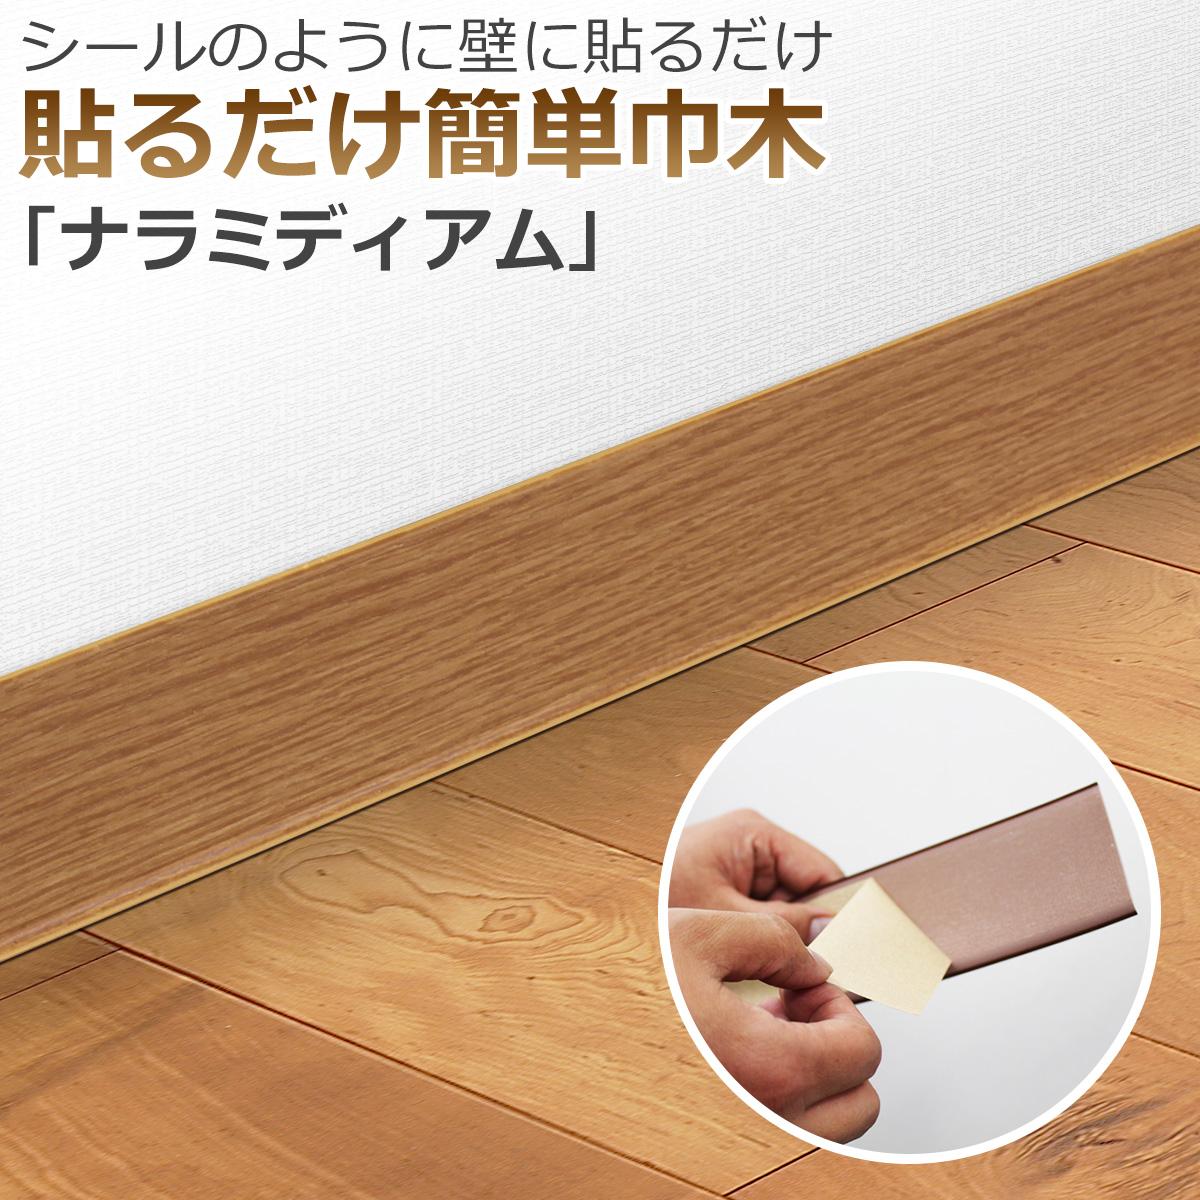 シールのように壁に貼るだけ 貼るだけ簡単巾木「ナラミディアム」